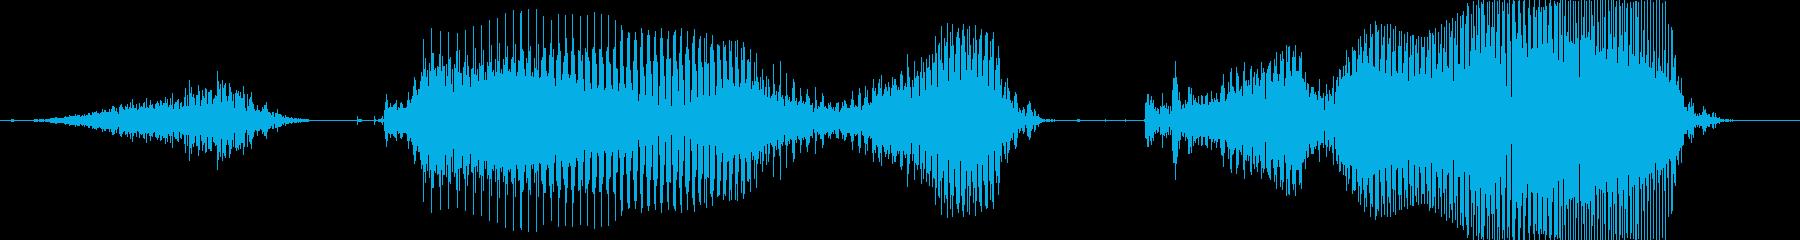 ステージクリア!の再生済みの波形